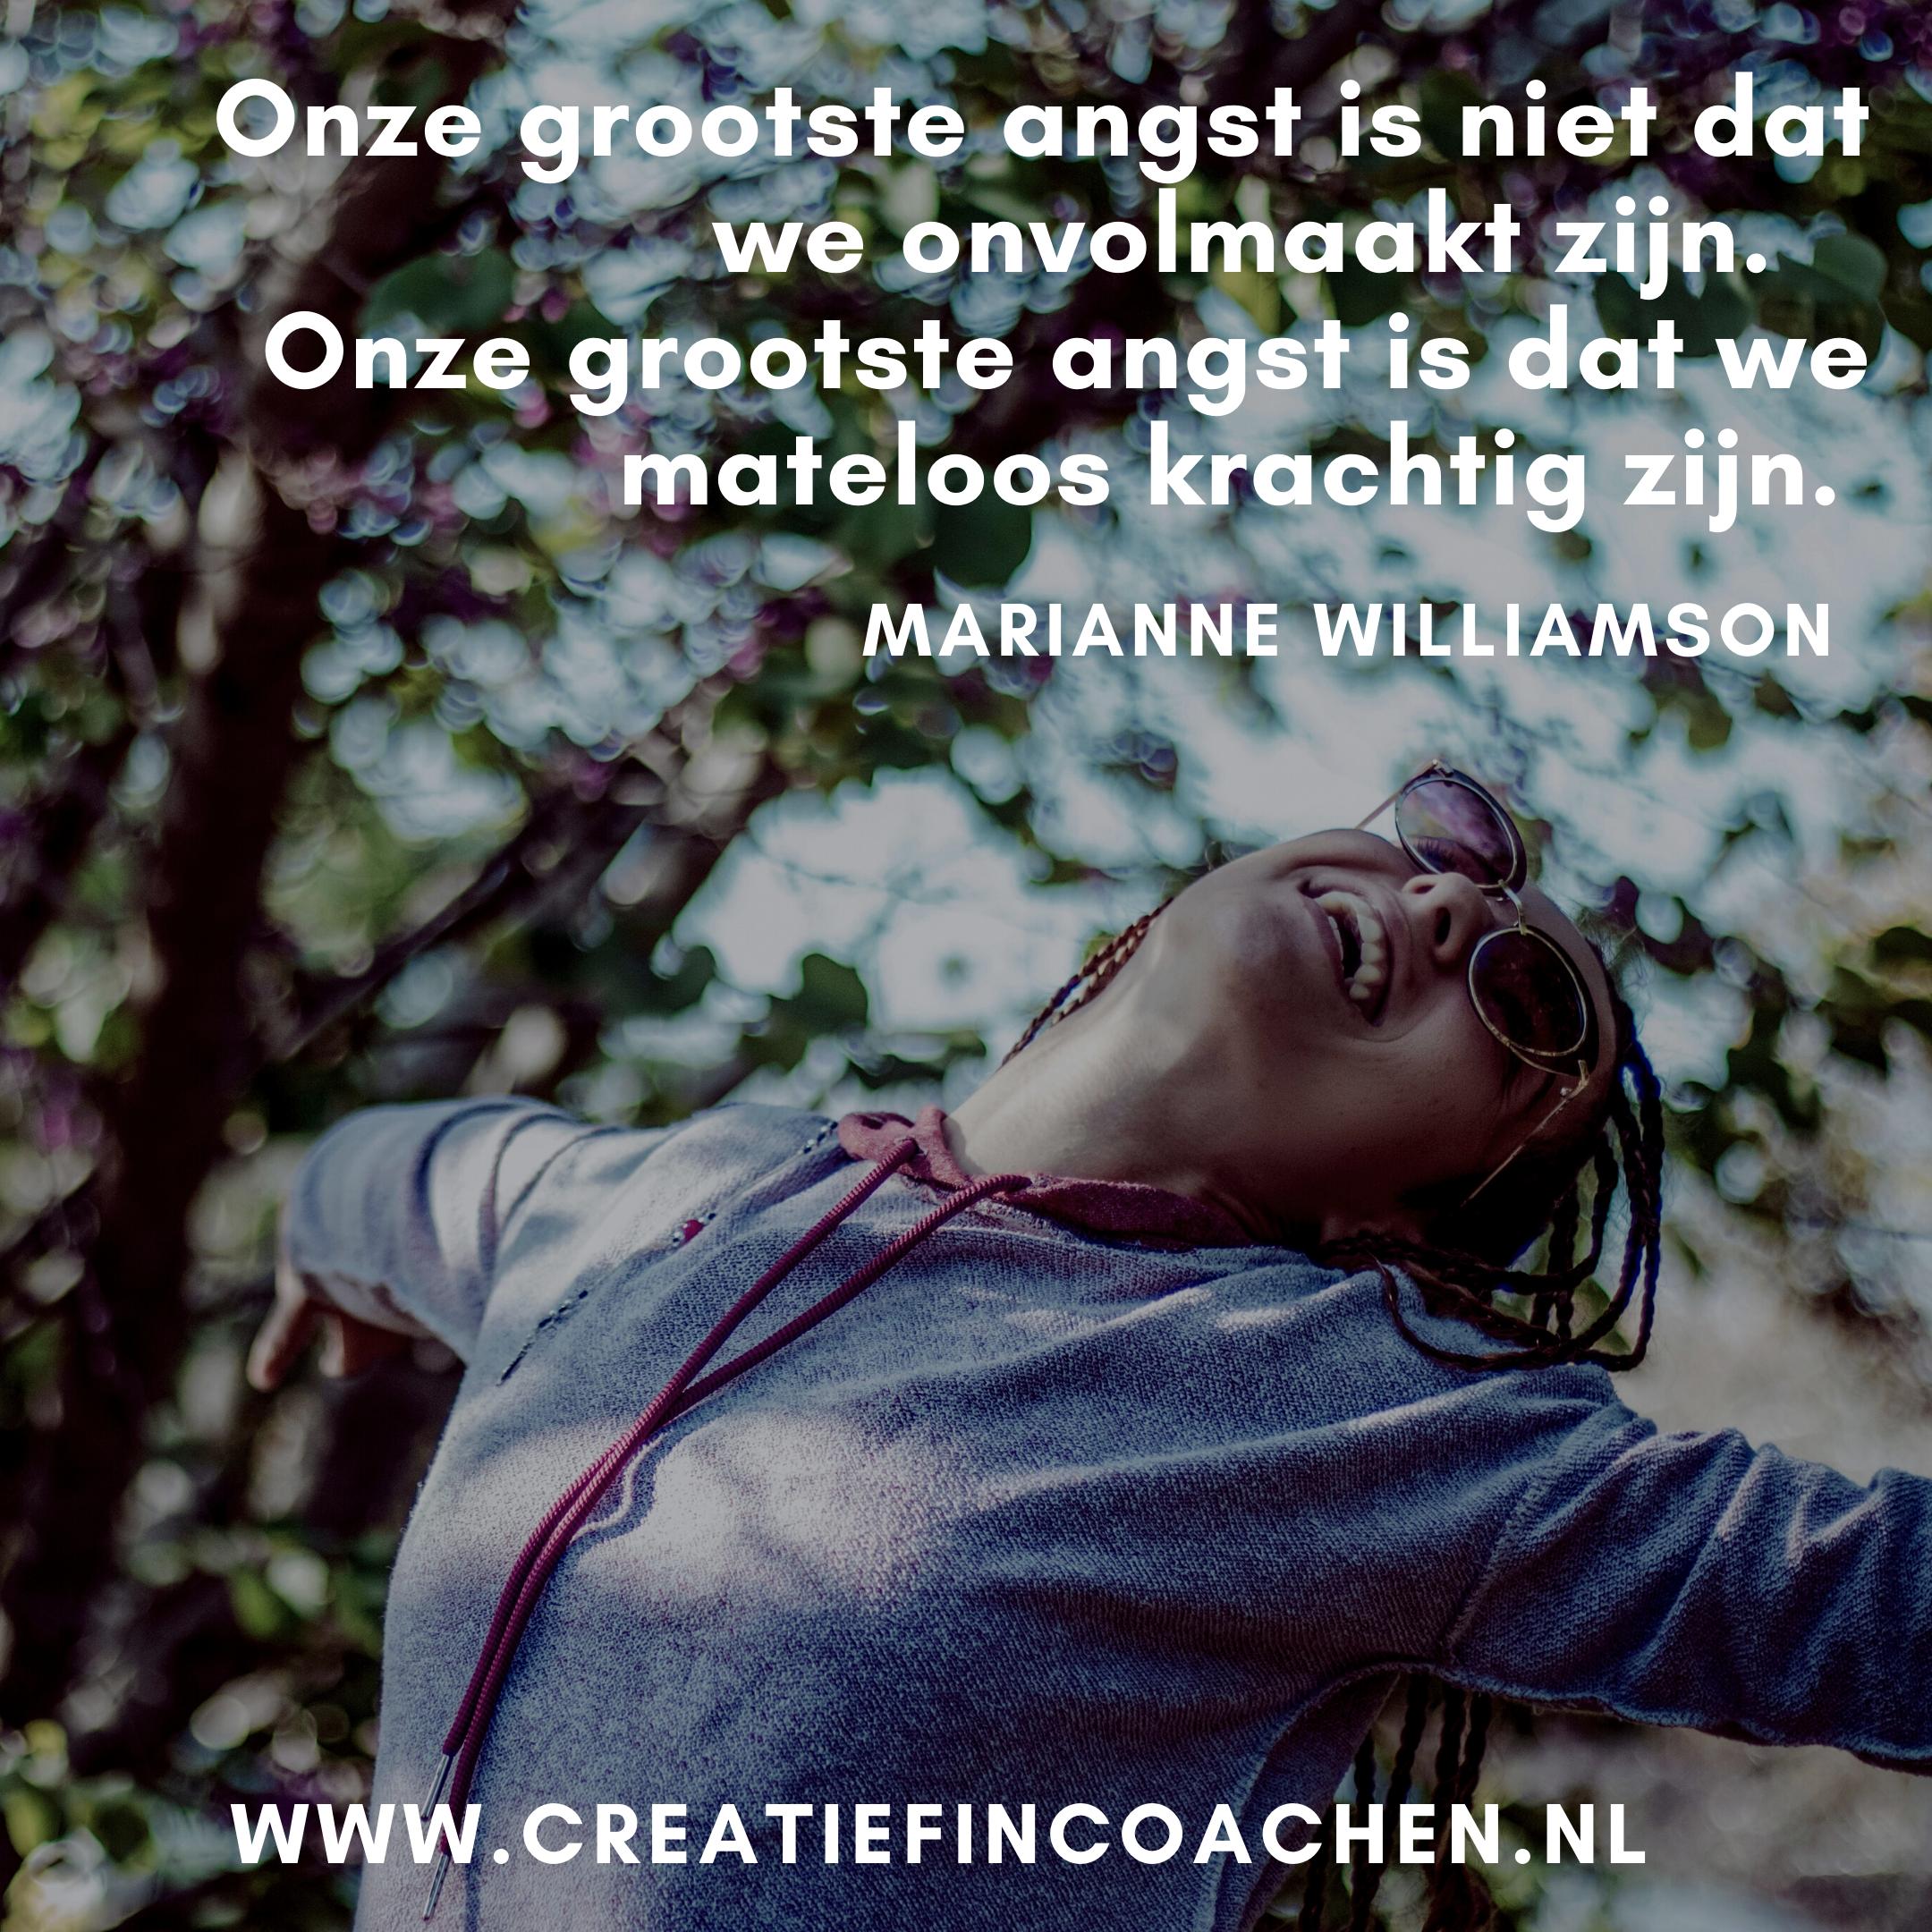 Creatief in Coachen | Blog| welke ruimte neen jij in?